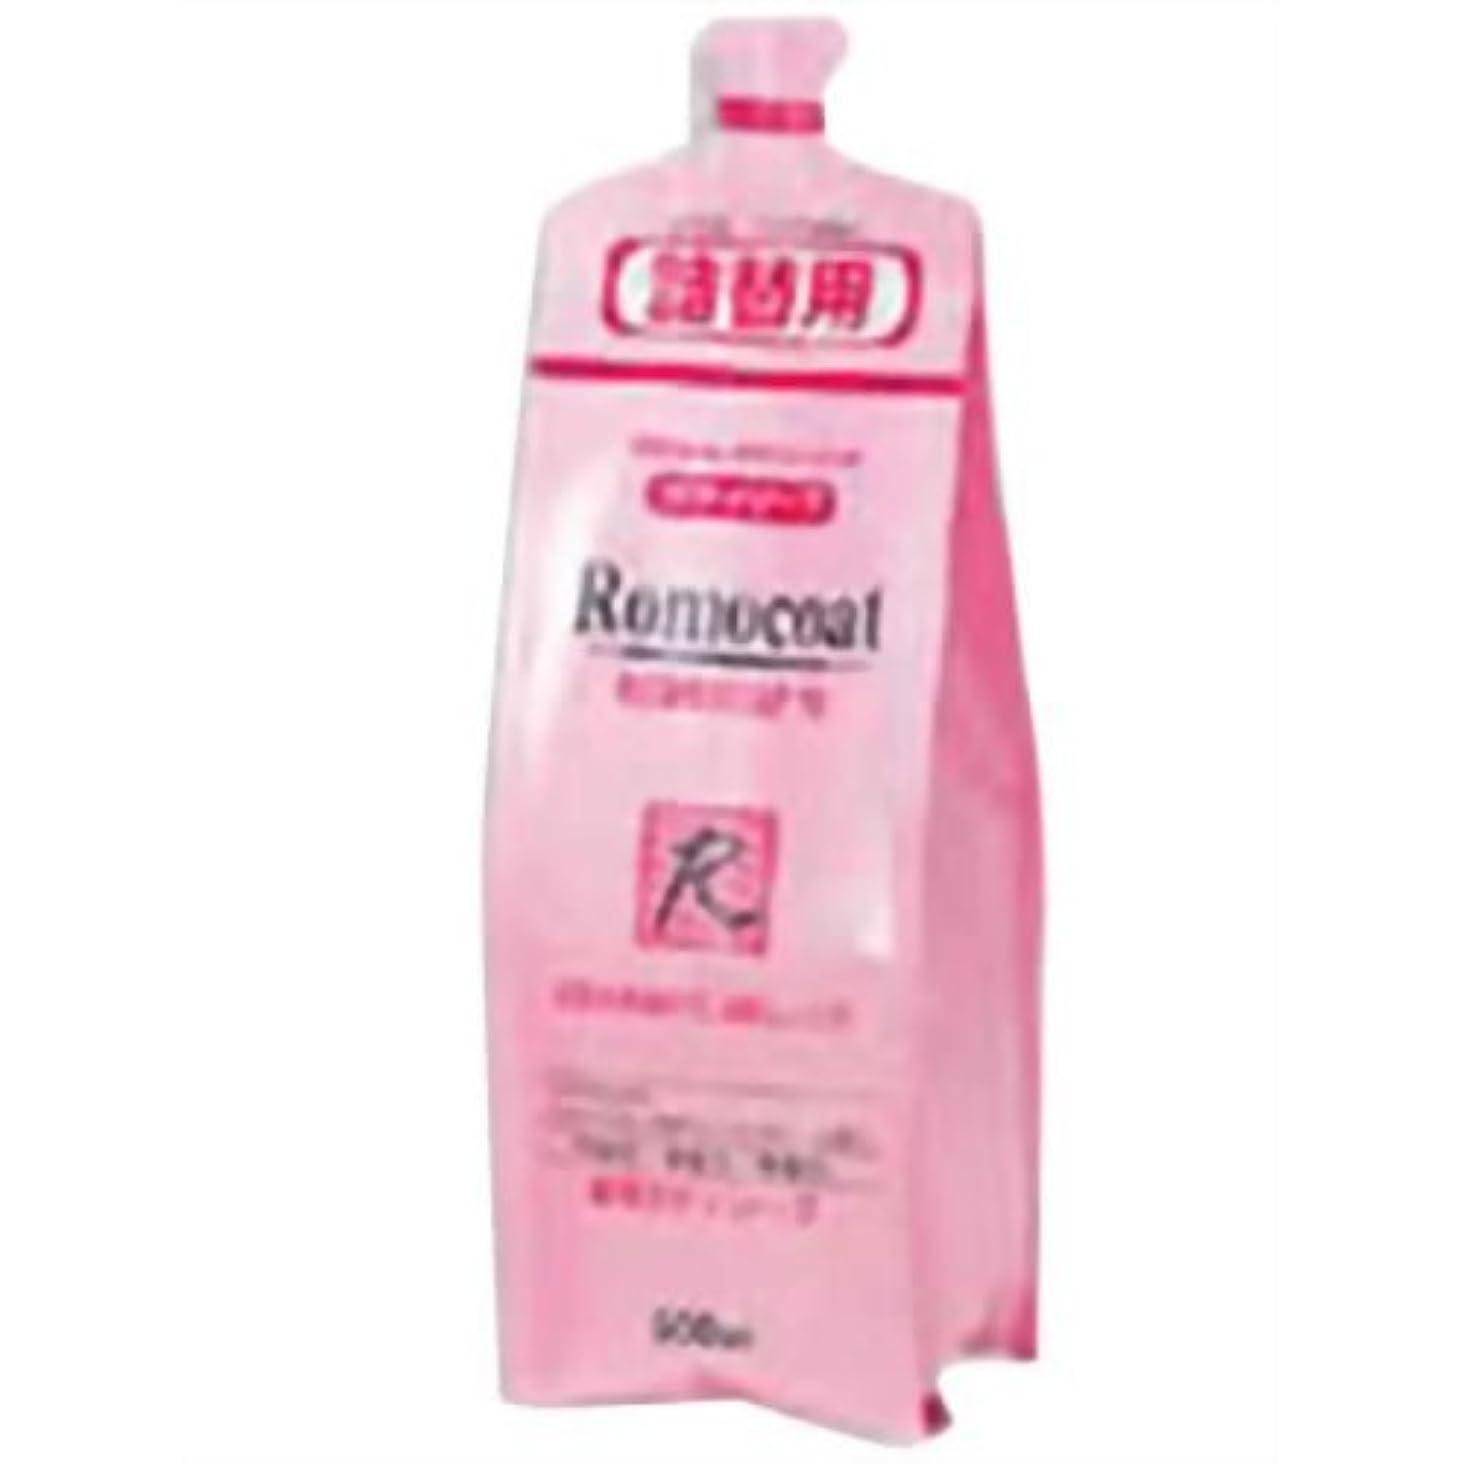 香水超音速負荷ロモコートボディソープM(詰替用) 500ml